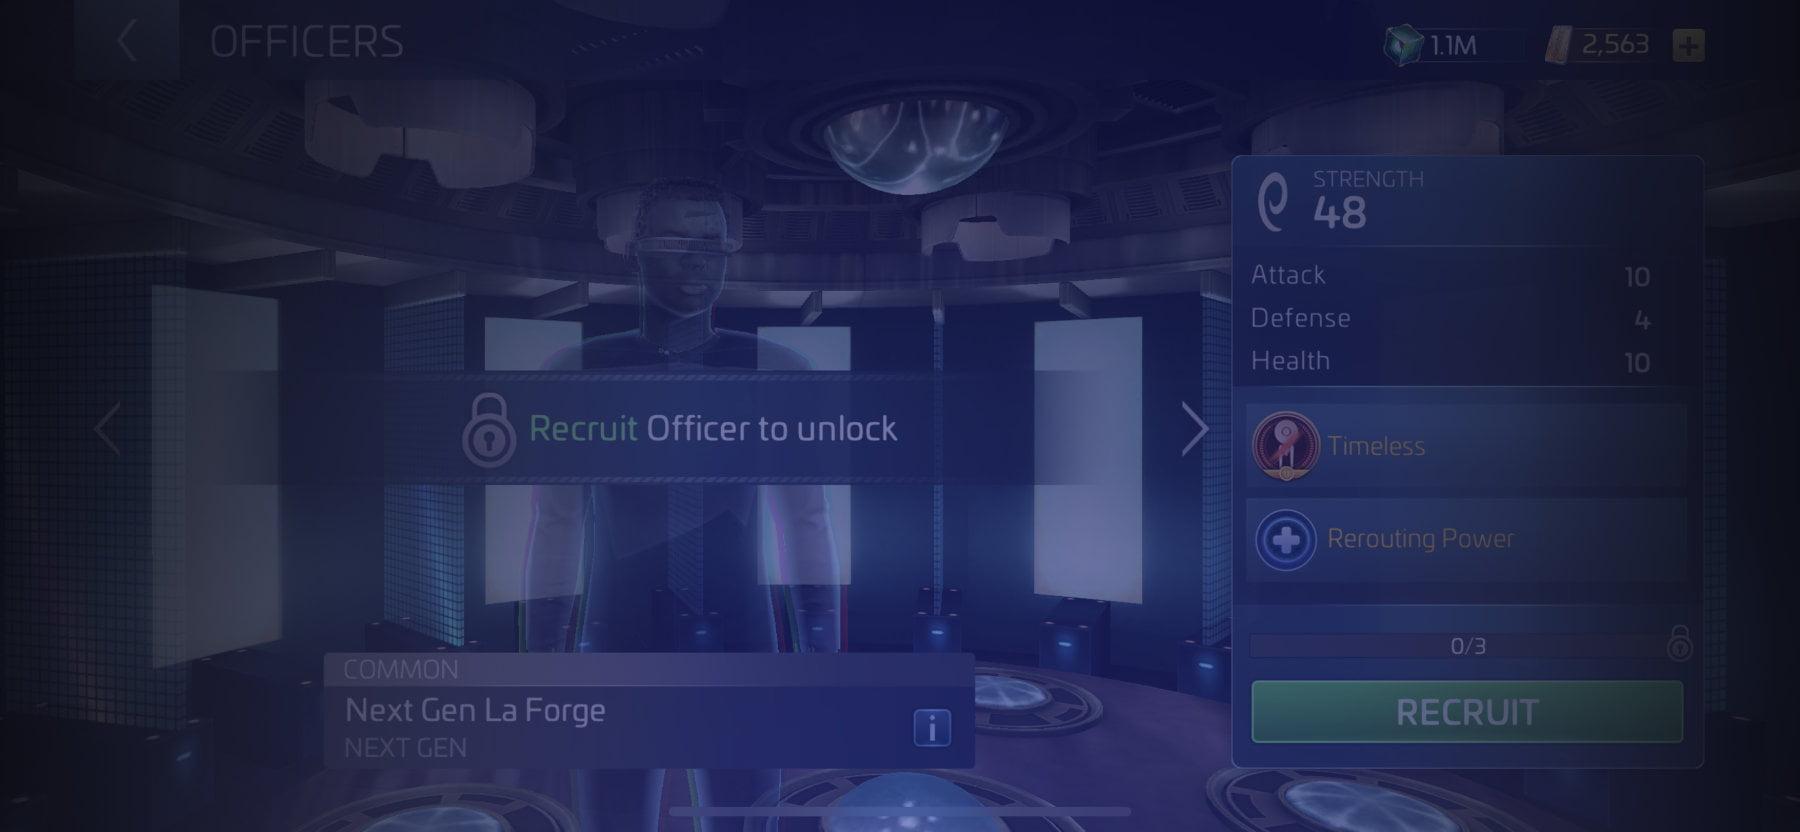 Officer Next Gen La Forge